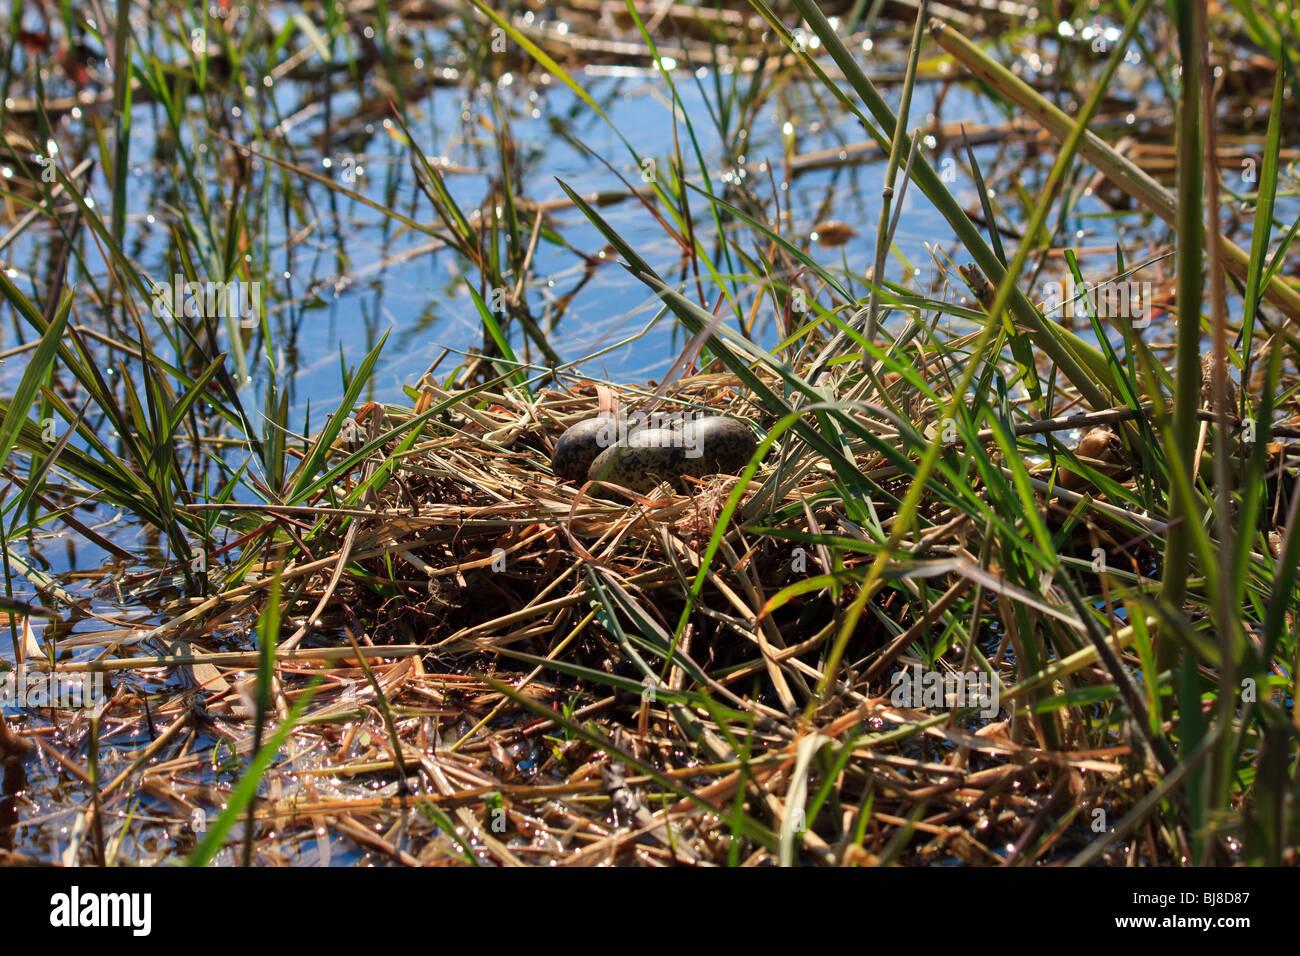 Africa Botswana Okavango Delta Plovers Egg Seronga - Stock Image